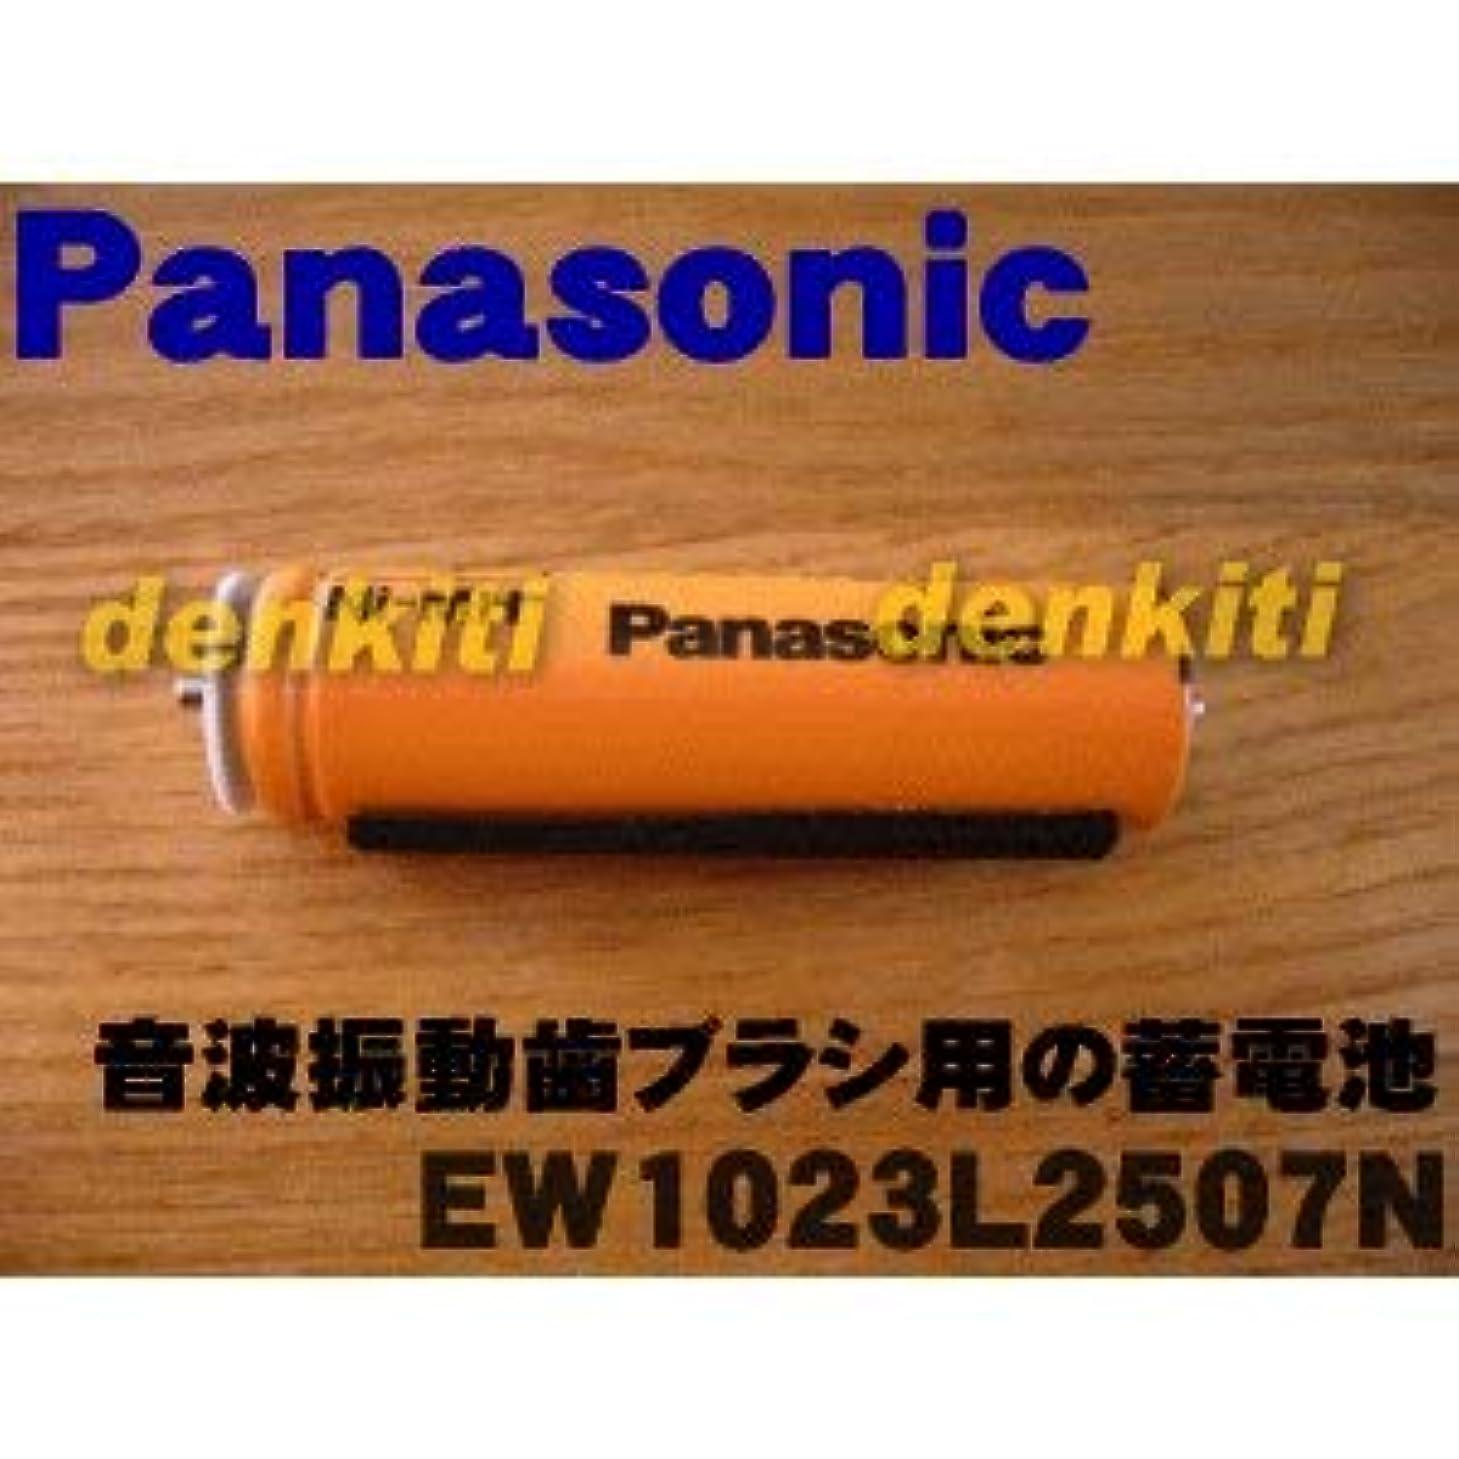 どこでも貪欲スキップパナソニック Panasonic 音波振動ハブラシ Doltz 蓄電池交換用蓄電池 EW1023L2507N